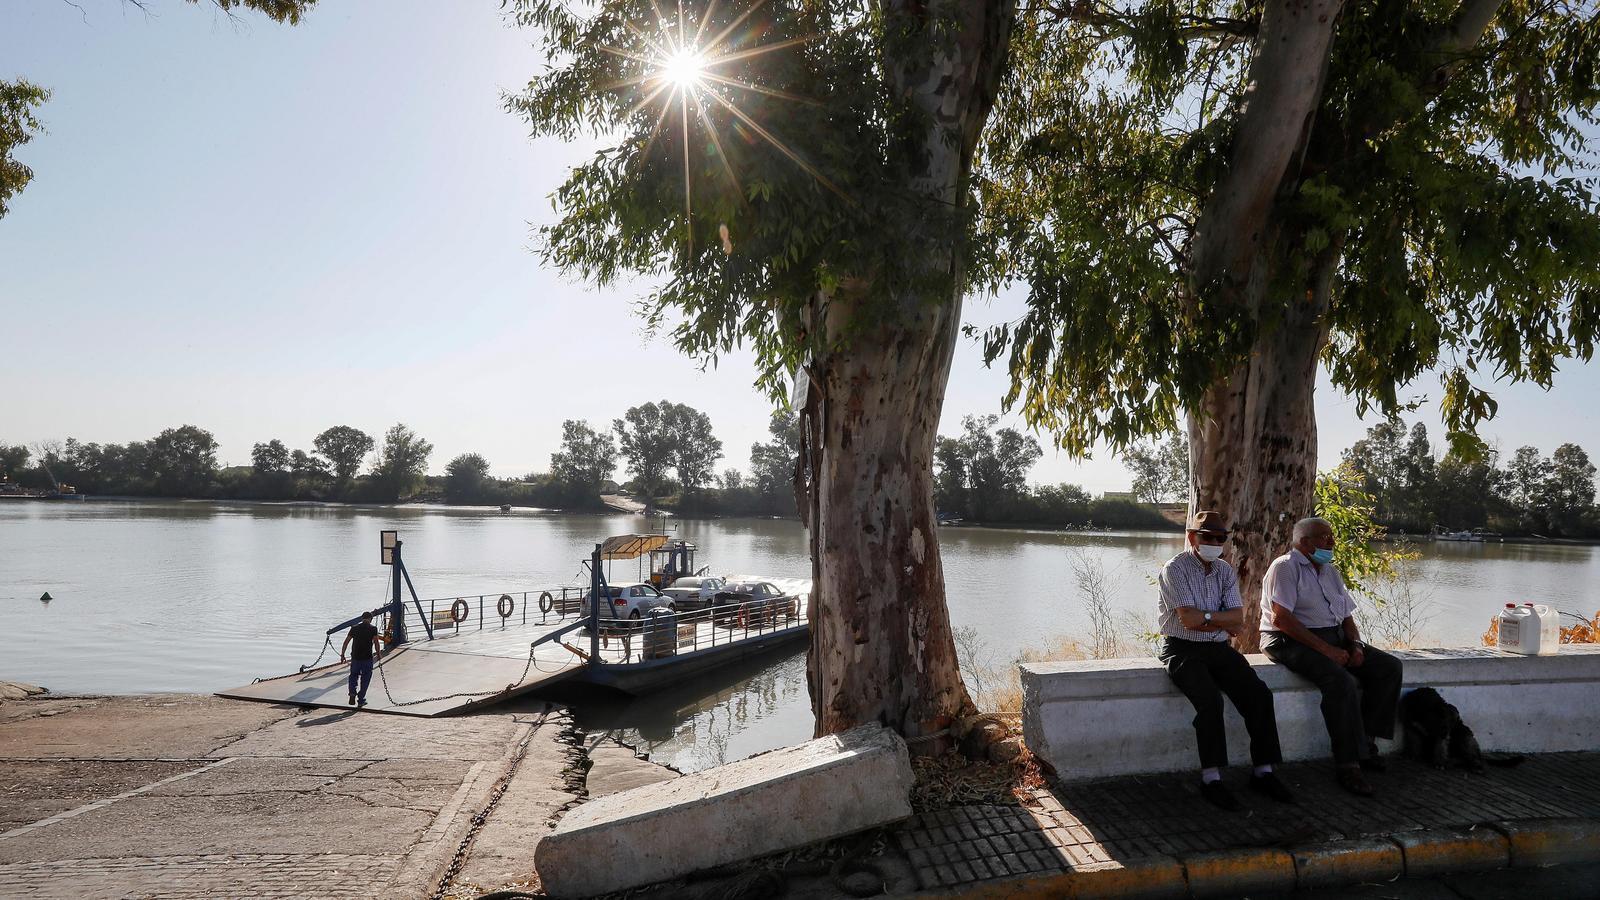 Imatge de Coría del Río una de les localitats a on s'han produït els casos de meningitis